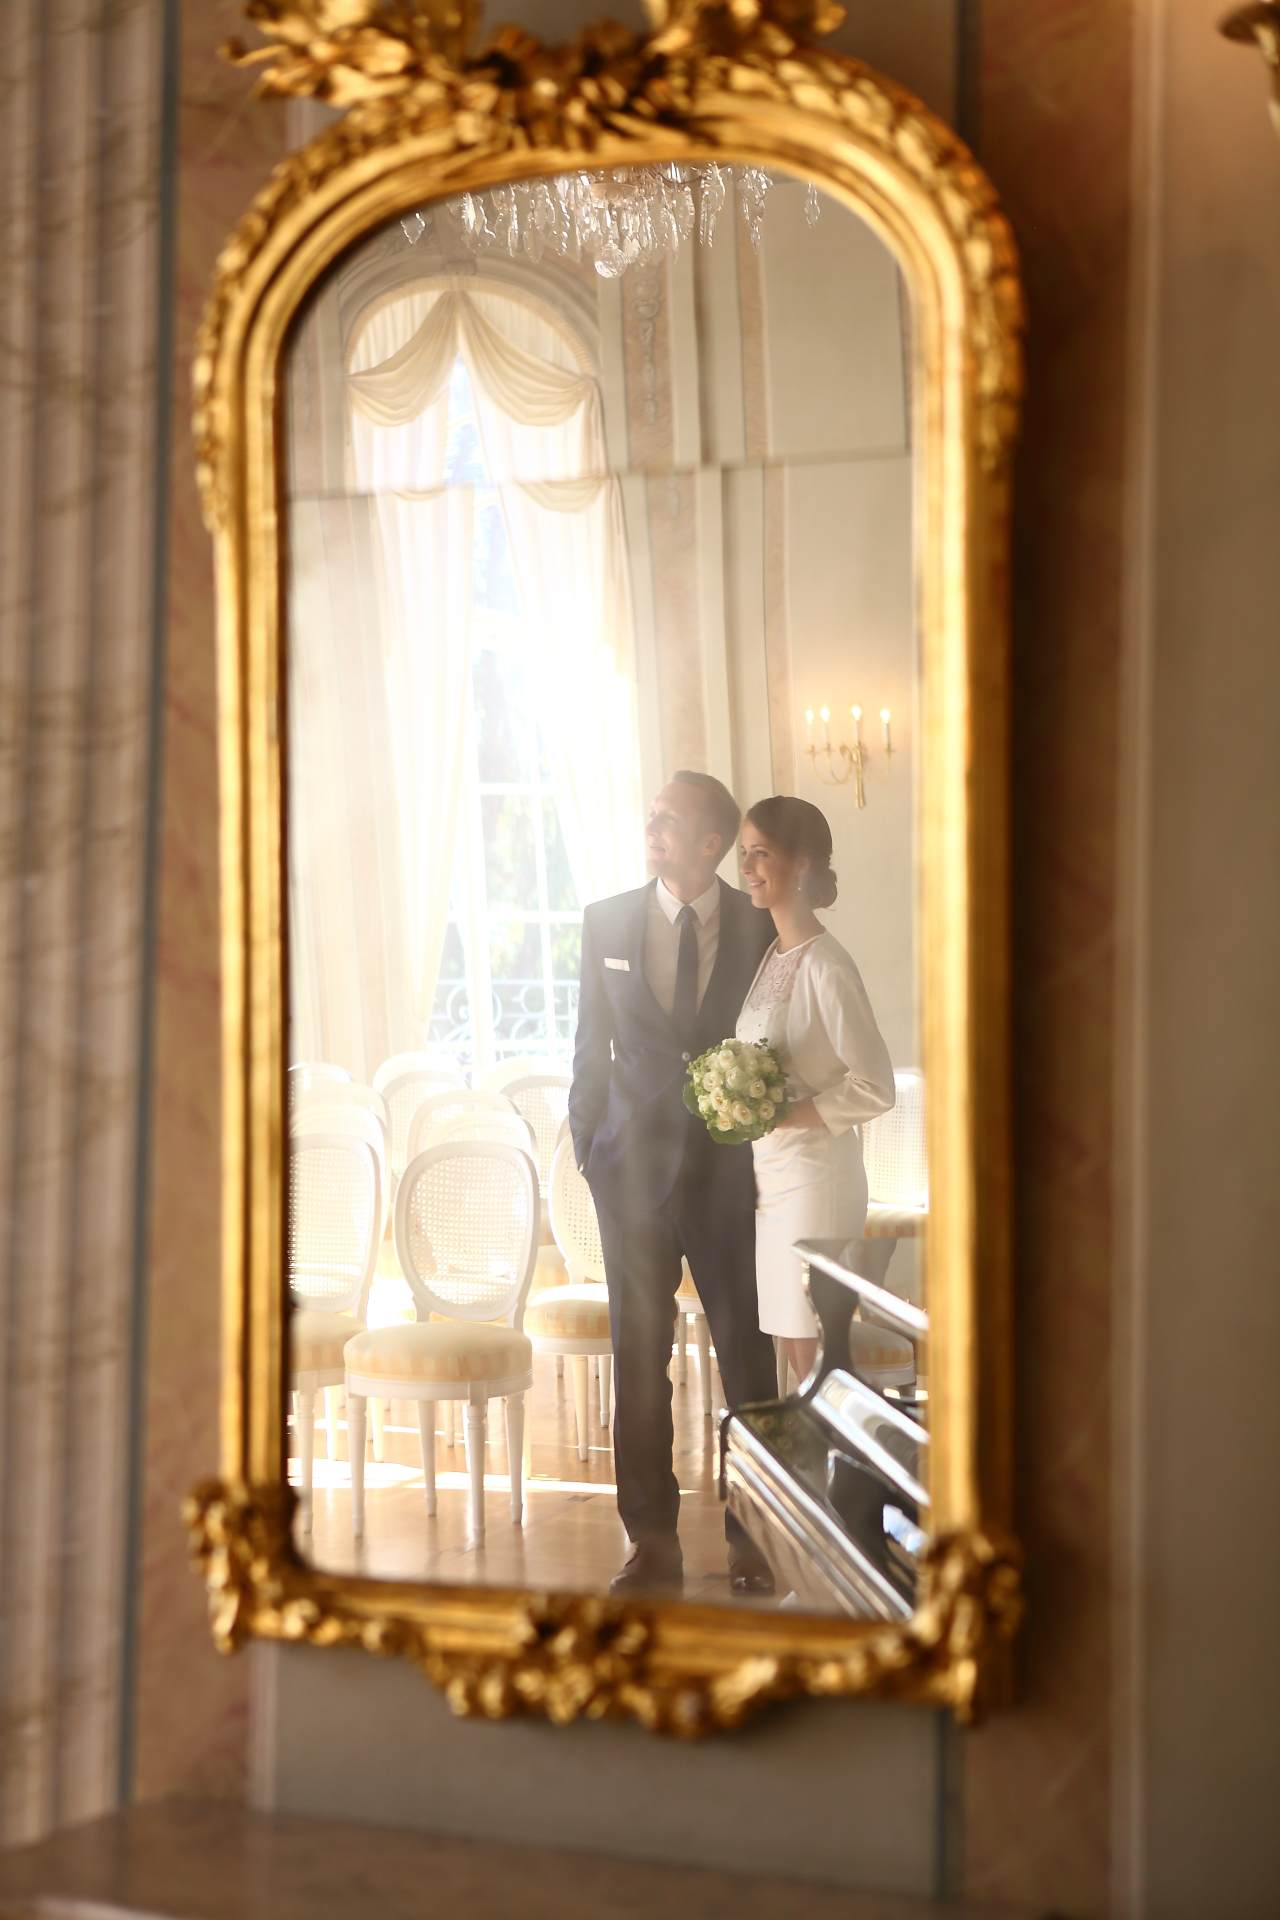 Hochzeitsfotos in Leipzig - Hochzeitspaar im Spiegel